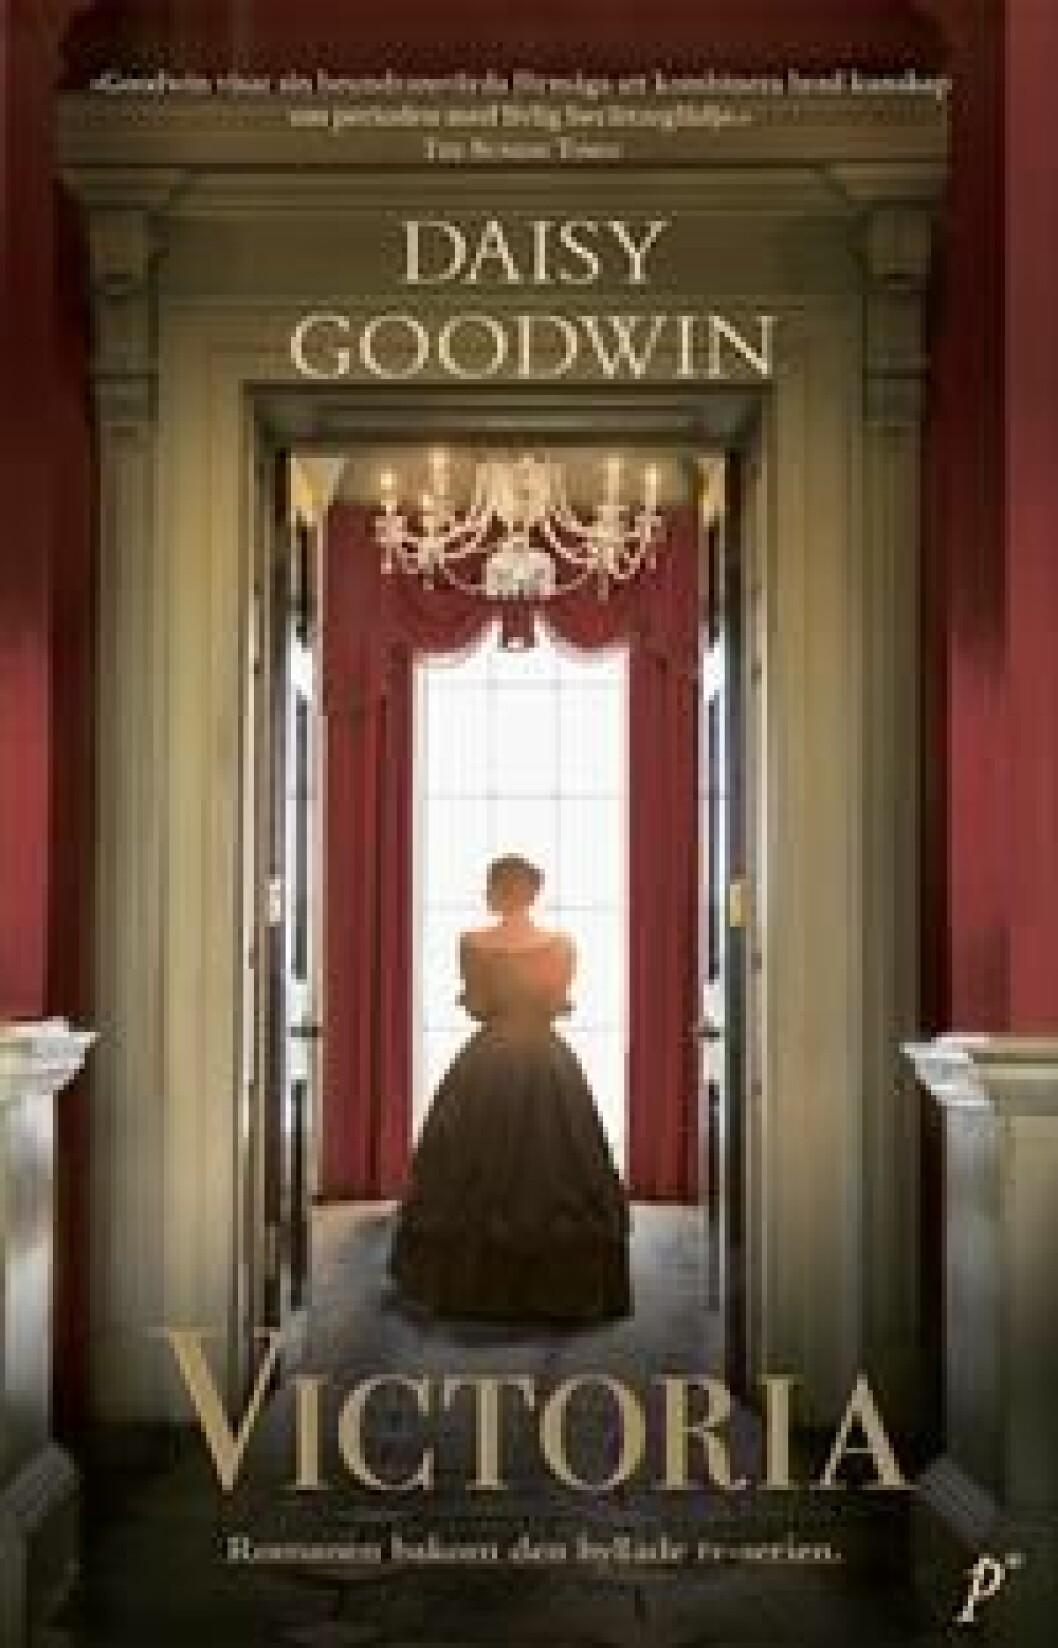 En bild på bokomslaget till romanen Victoria (Daisy Goodwin).